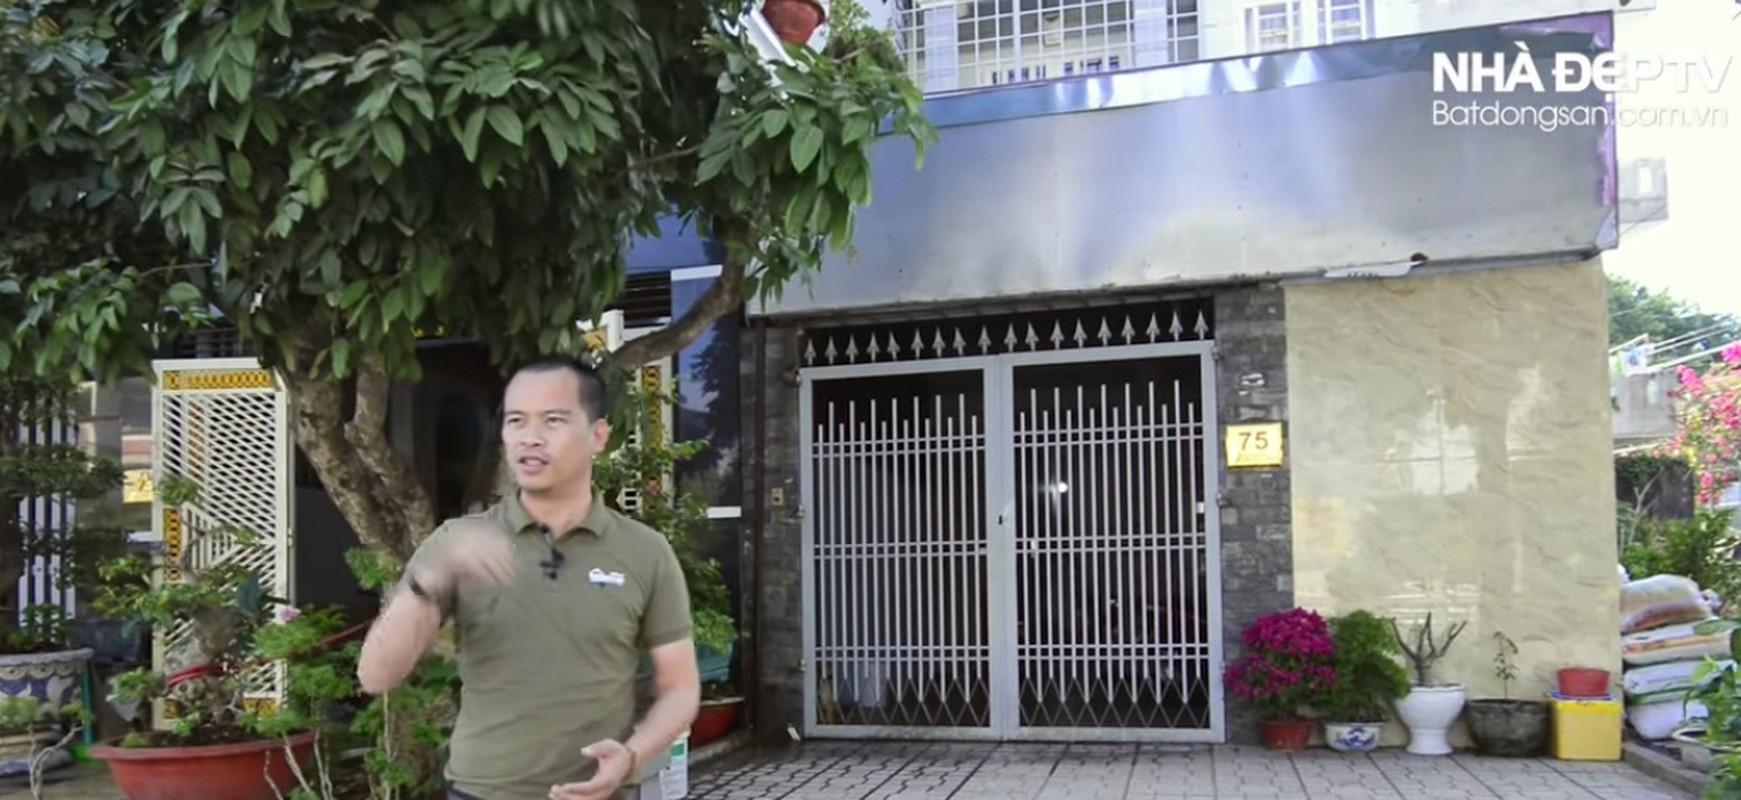 Ghe tham 2 can nha cua cau thu Phan Van Duc sap ket hon-Hinh-2